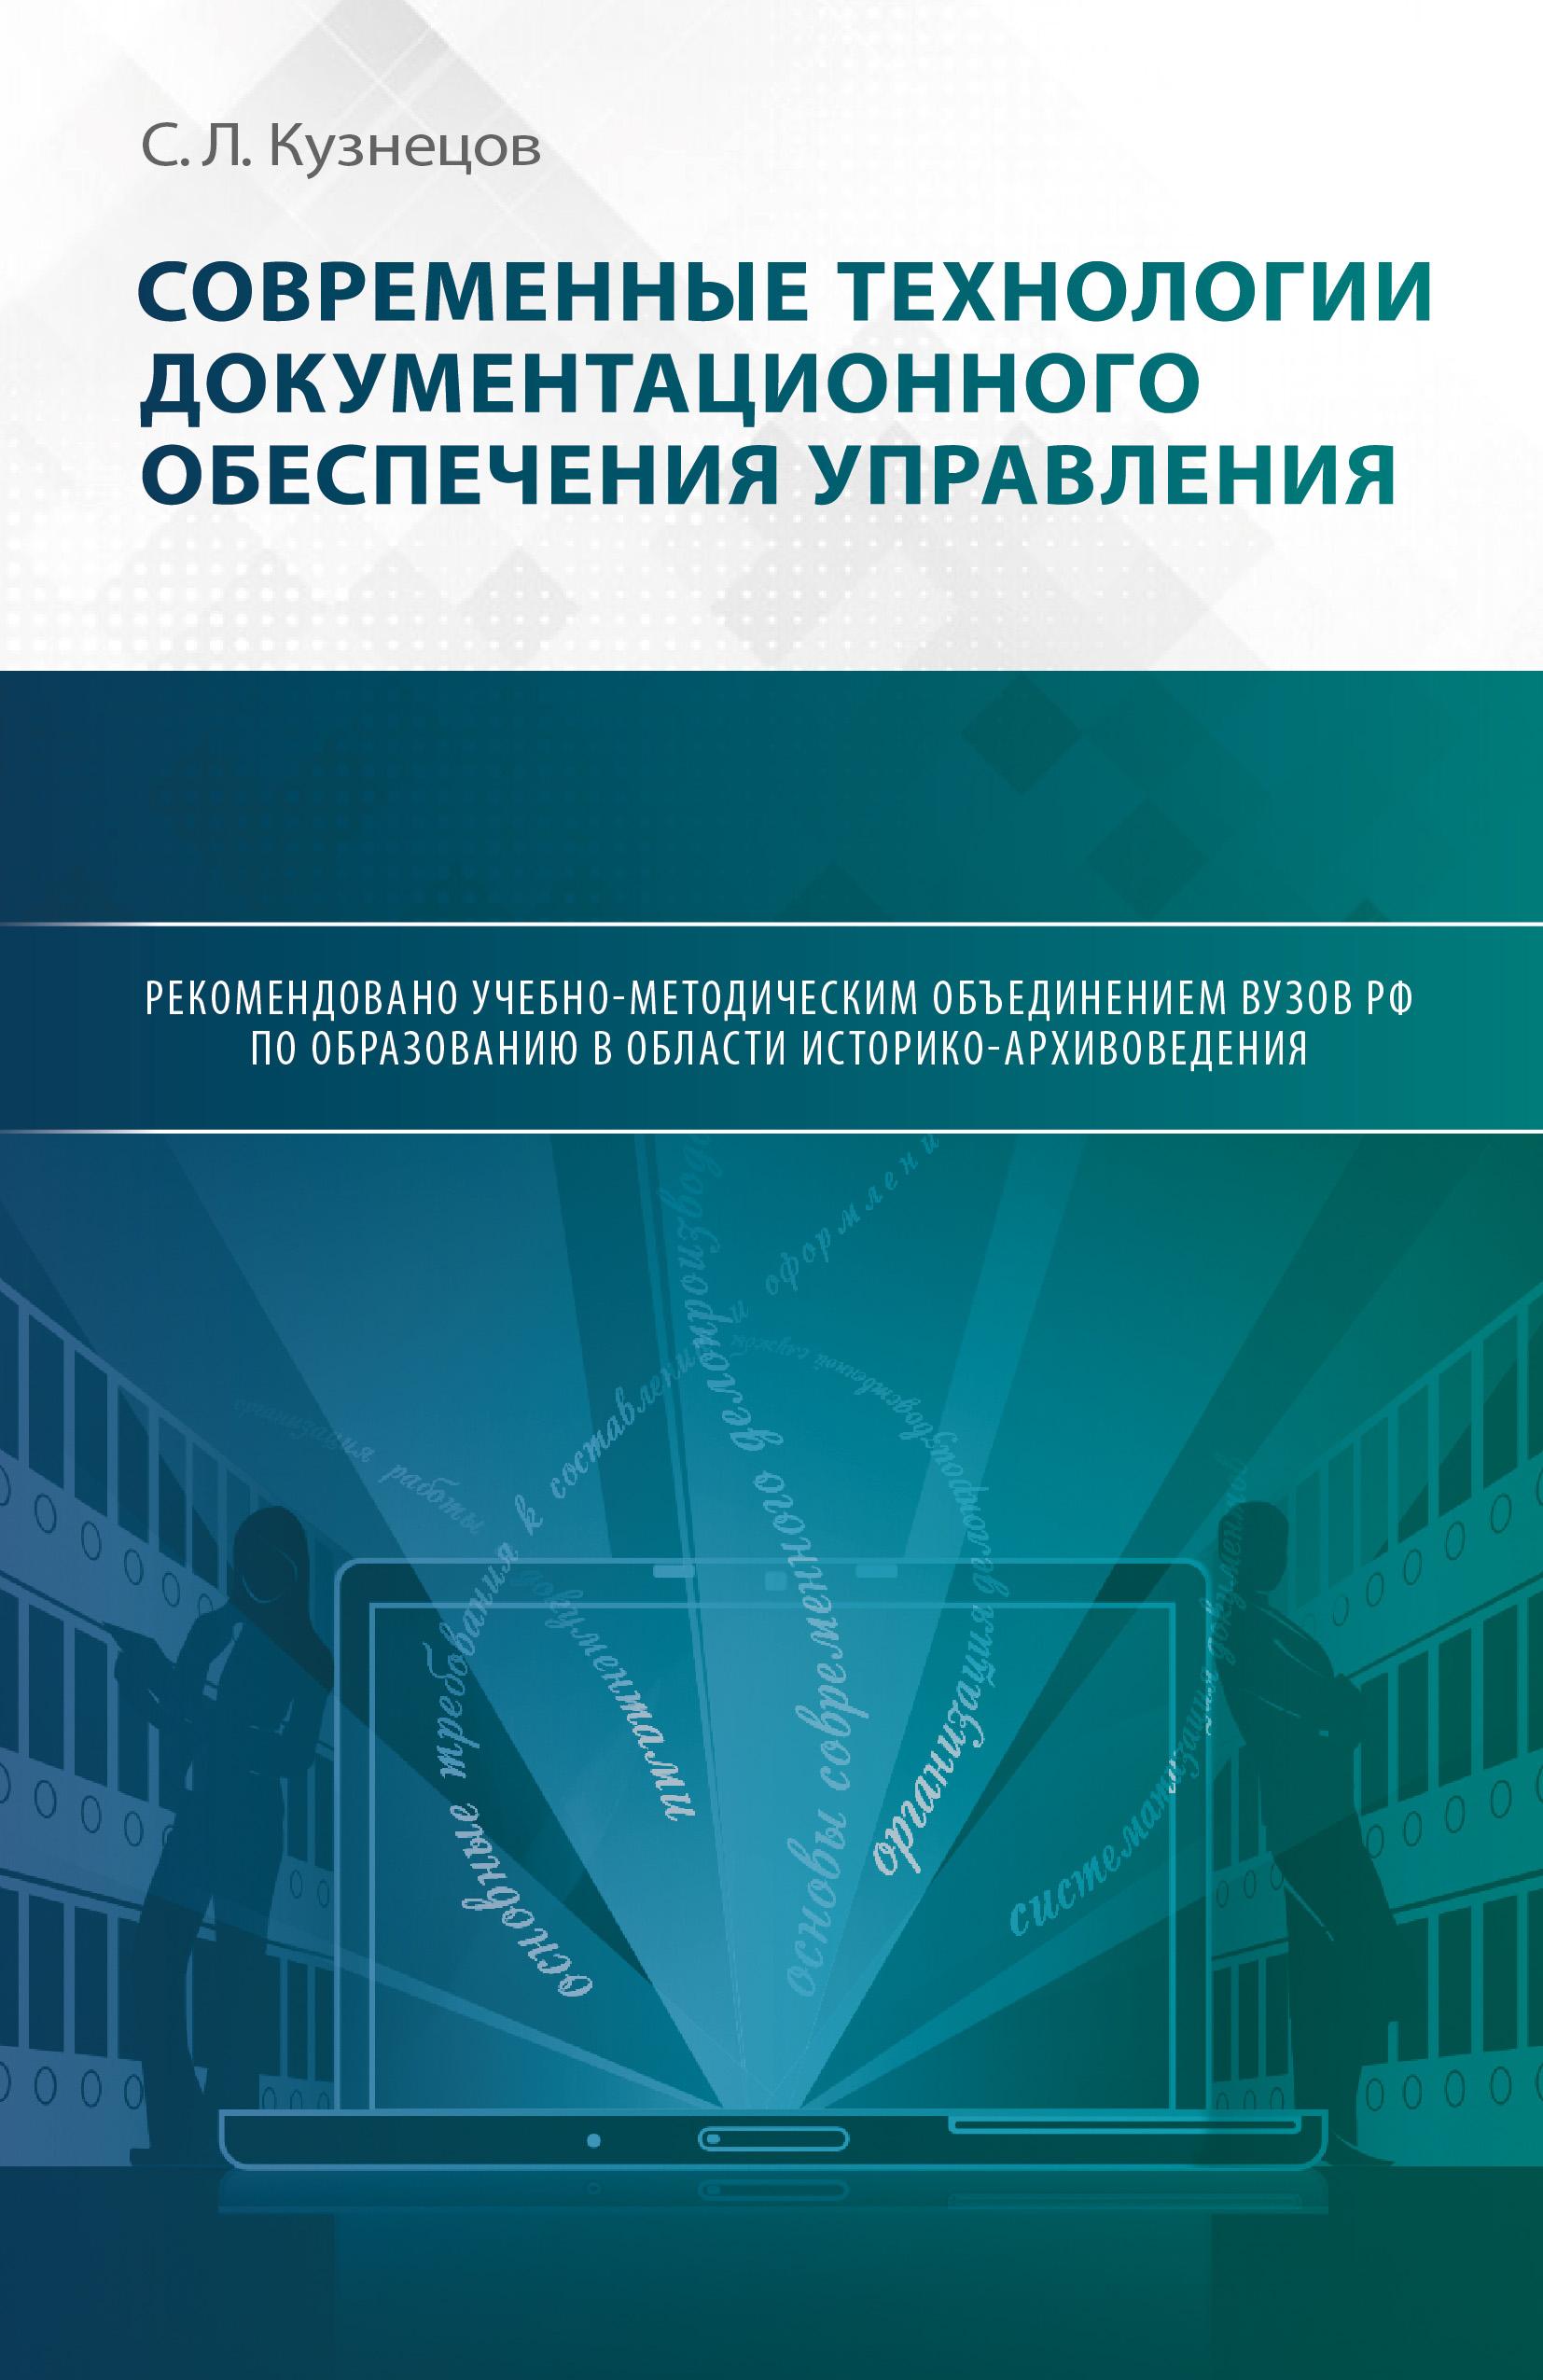 Современные технологии документационного обеспечения управления